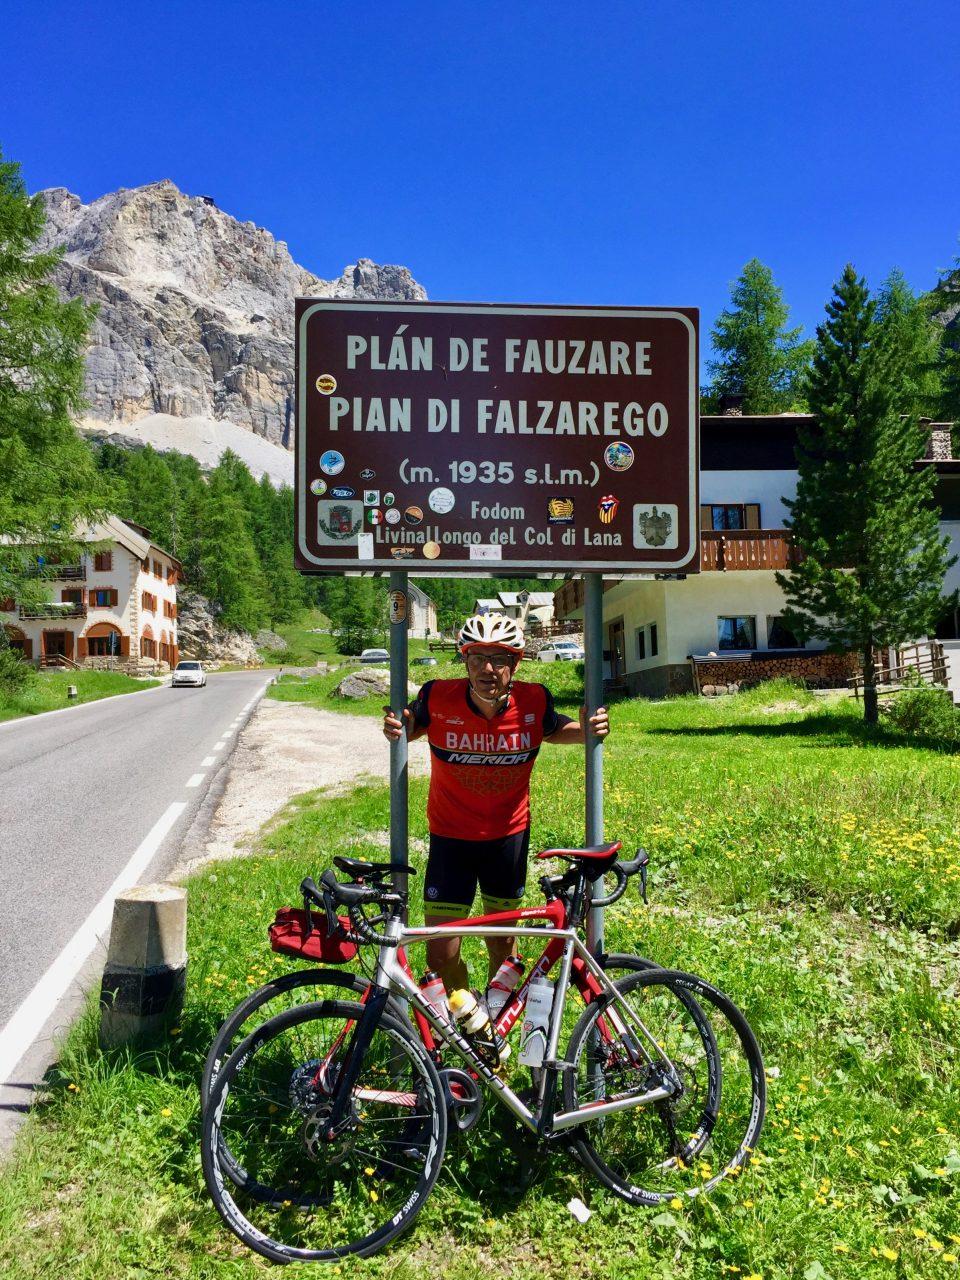 Martin, Passo Falzarego, Dolomites, Italy